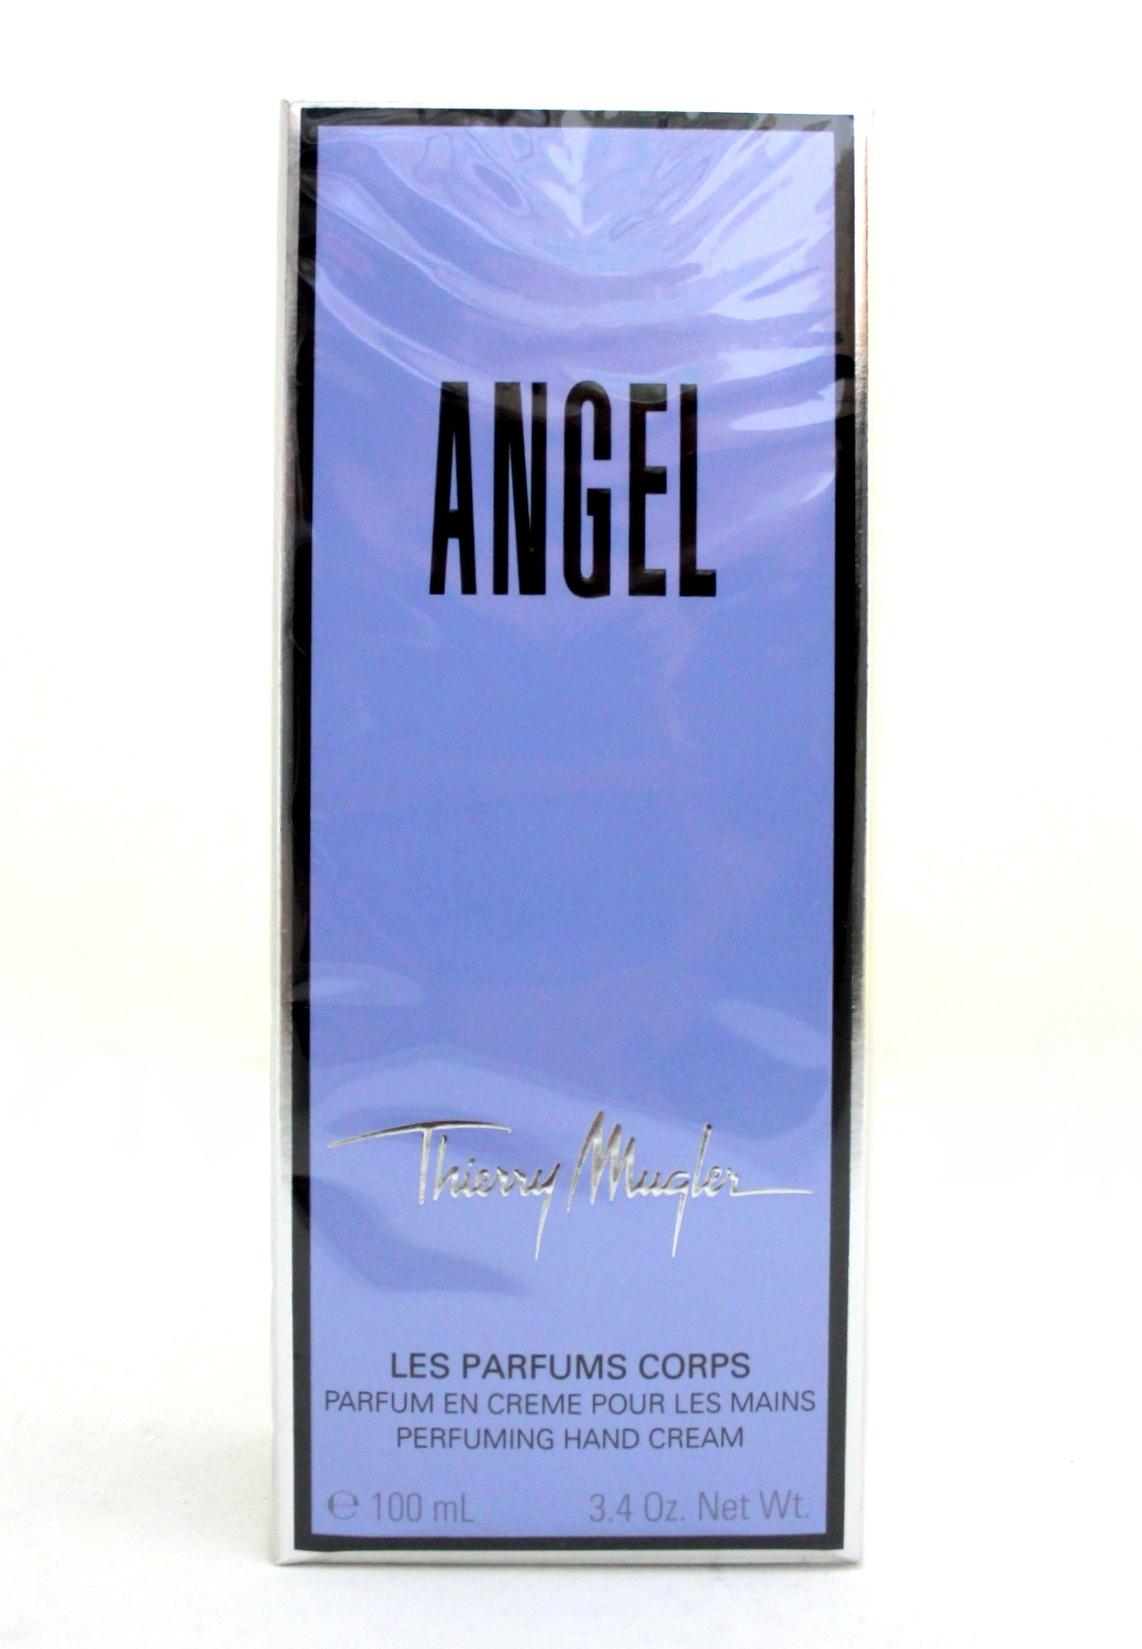 Thierry Mugler Angel Hand Cream